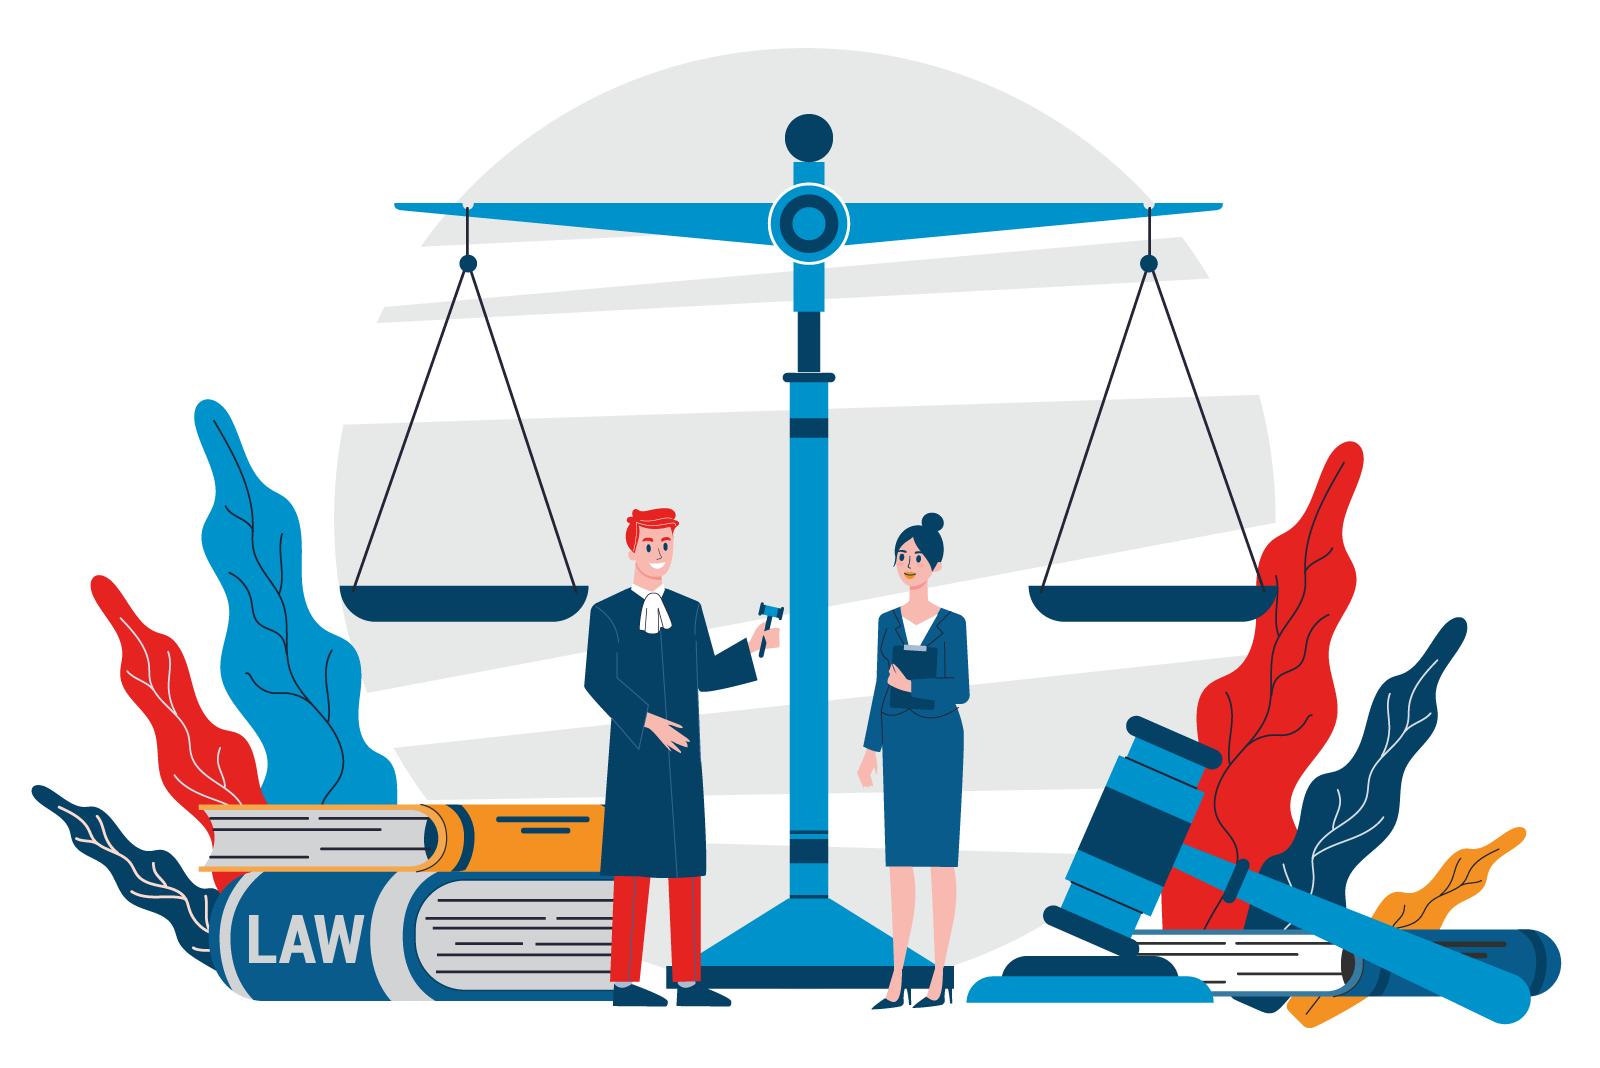 Post-Corona-Konzept - Arbeitsrecht und Rechtssicherheit